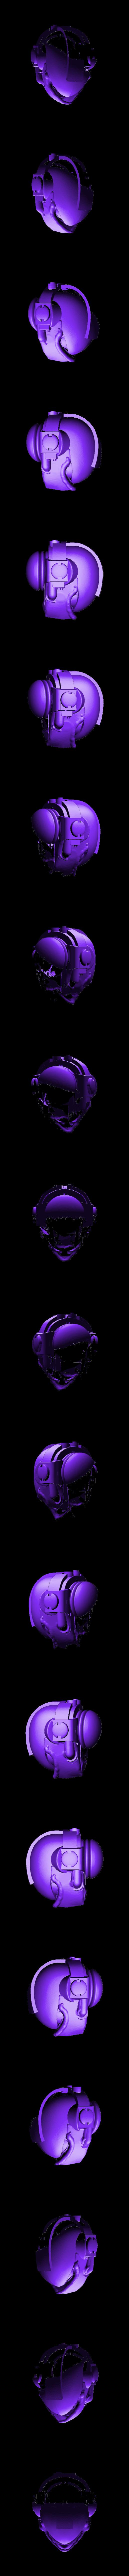 Head 2.stl Télécharger fichier STL gratuit L'équipe des Chevaliers gris Primaris • Modèle pour imprimante 3D, joeldawson93